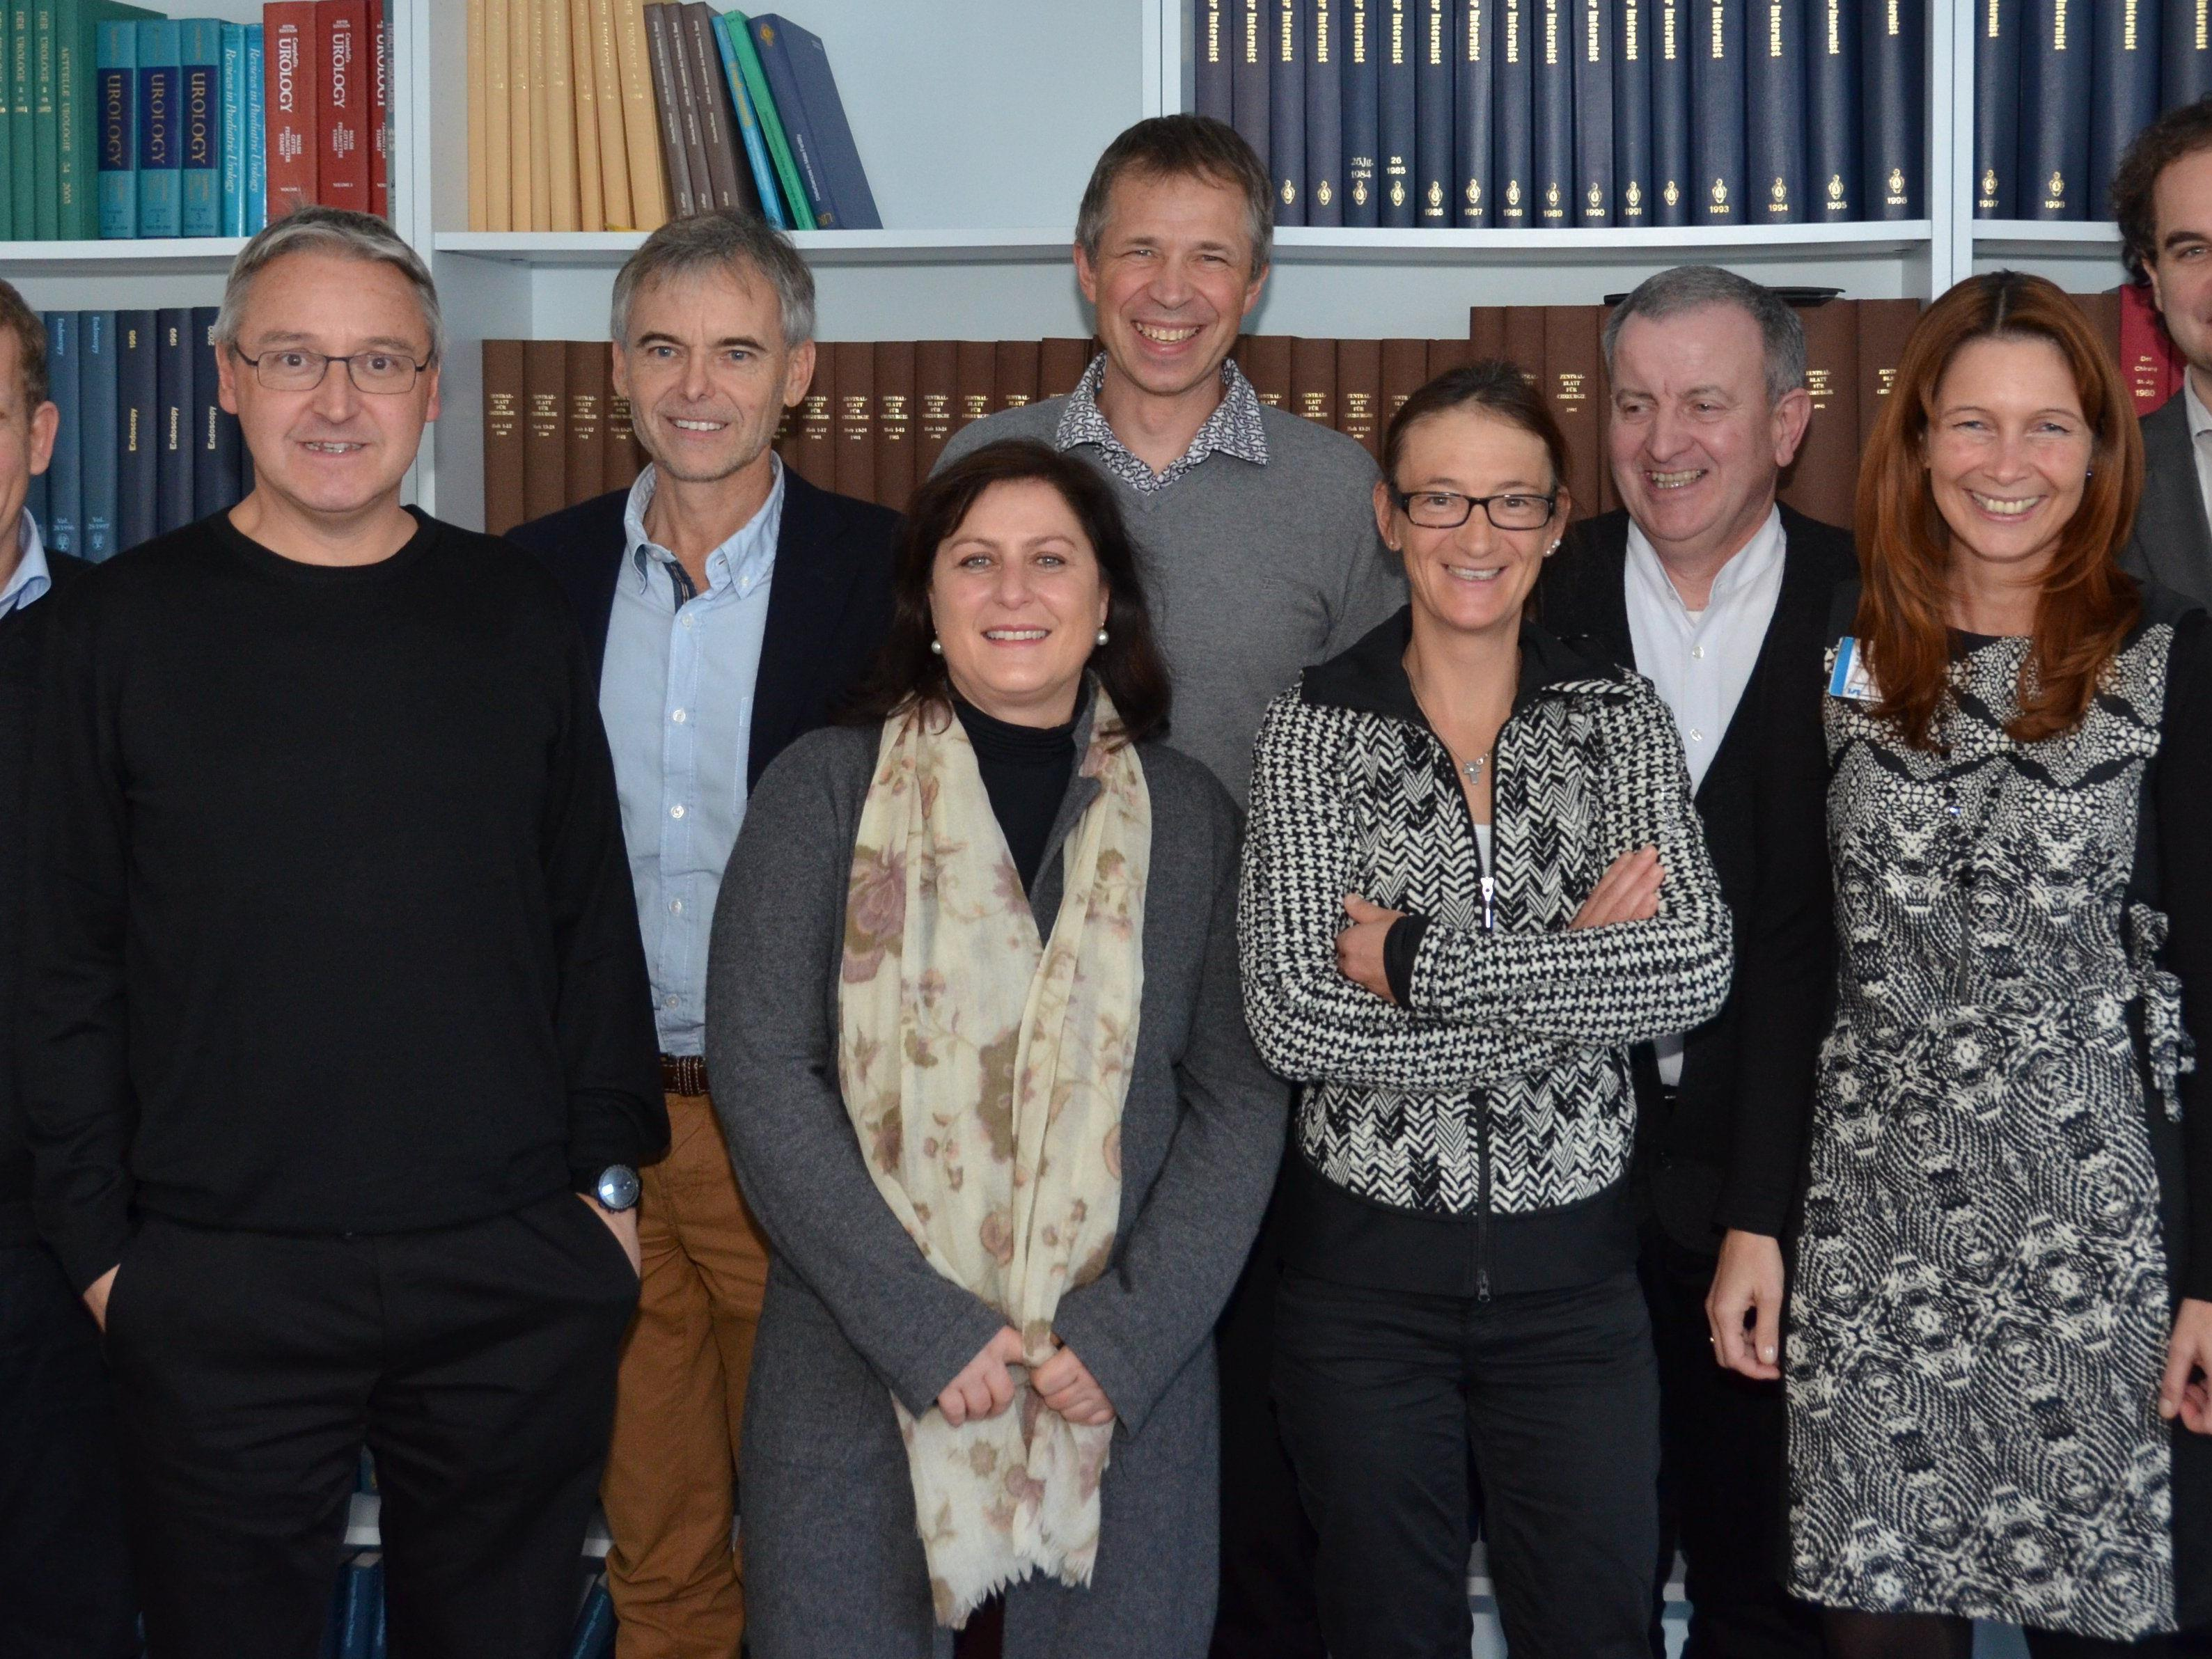 Bild: Vorsitzende und Mitglieder des klinischen Ethikkomitees: DGKP Udo Wernig (Intensiv), Univ. Doz. Prim. Dr. Christian Huemer (Kinder- und Jugendheilkunde), gf. OA Dr. Kurt Schlachter MPH (Kinder- und Jugendheilkunde), OA Dr. Claudia Riedlinger (Anästhesie), FA Dr. Jens-Daniel Sturm (Chirurgie), OA Dr. Ursula Sillaber (Interne), Diakon Johannes Heil (Seelsorge), BScN Sylvia Mattl (Pflegeentwicklung), Dr. Michael Willam (Diözese Feldkirch)